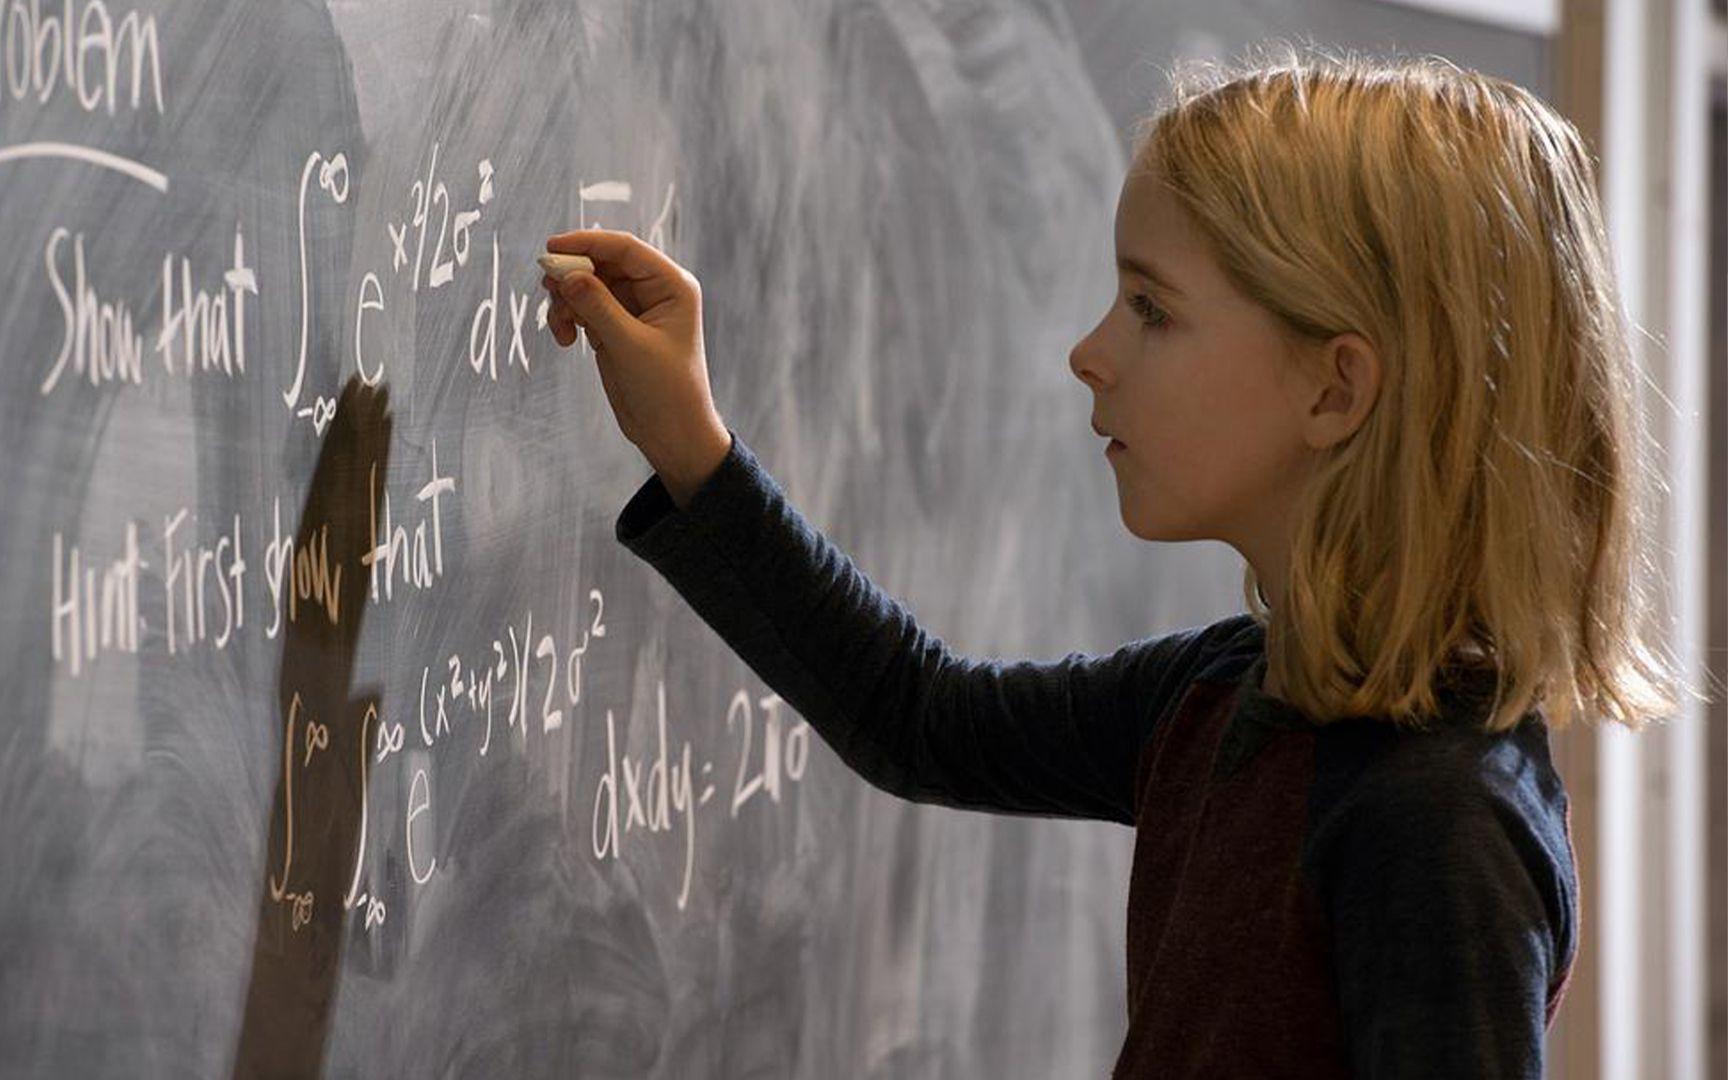 如果你的女儿是个天才,你会怎样教育她?《天才少女》